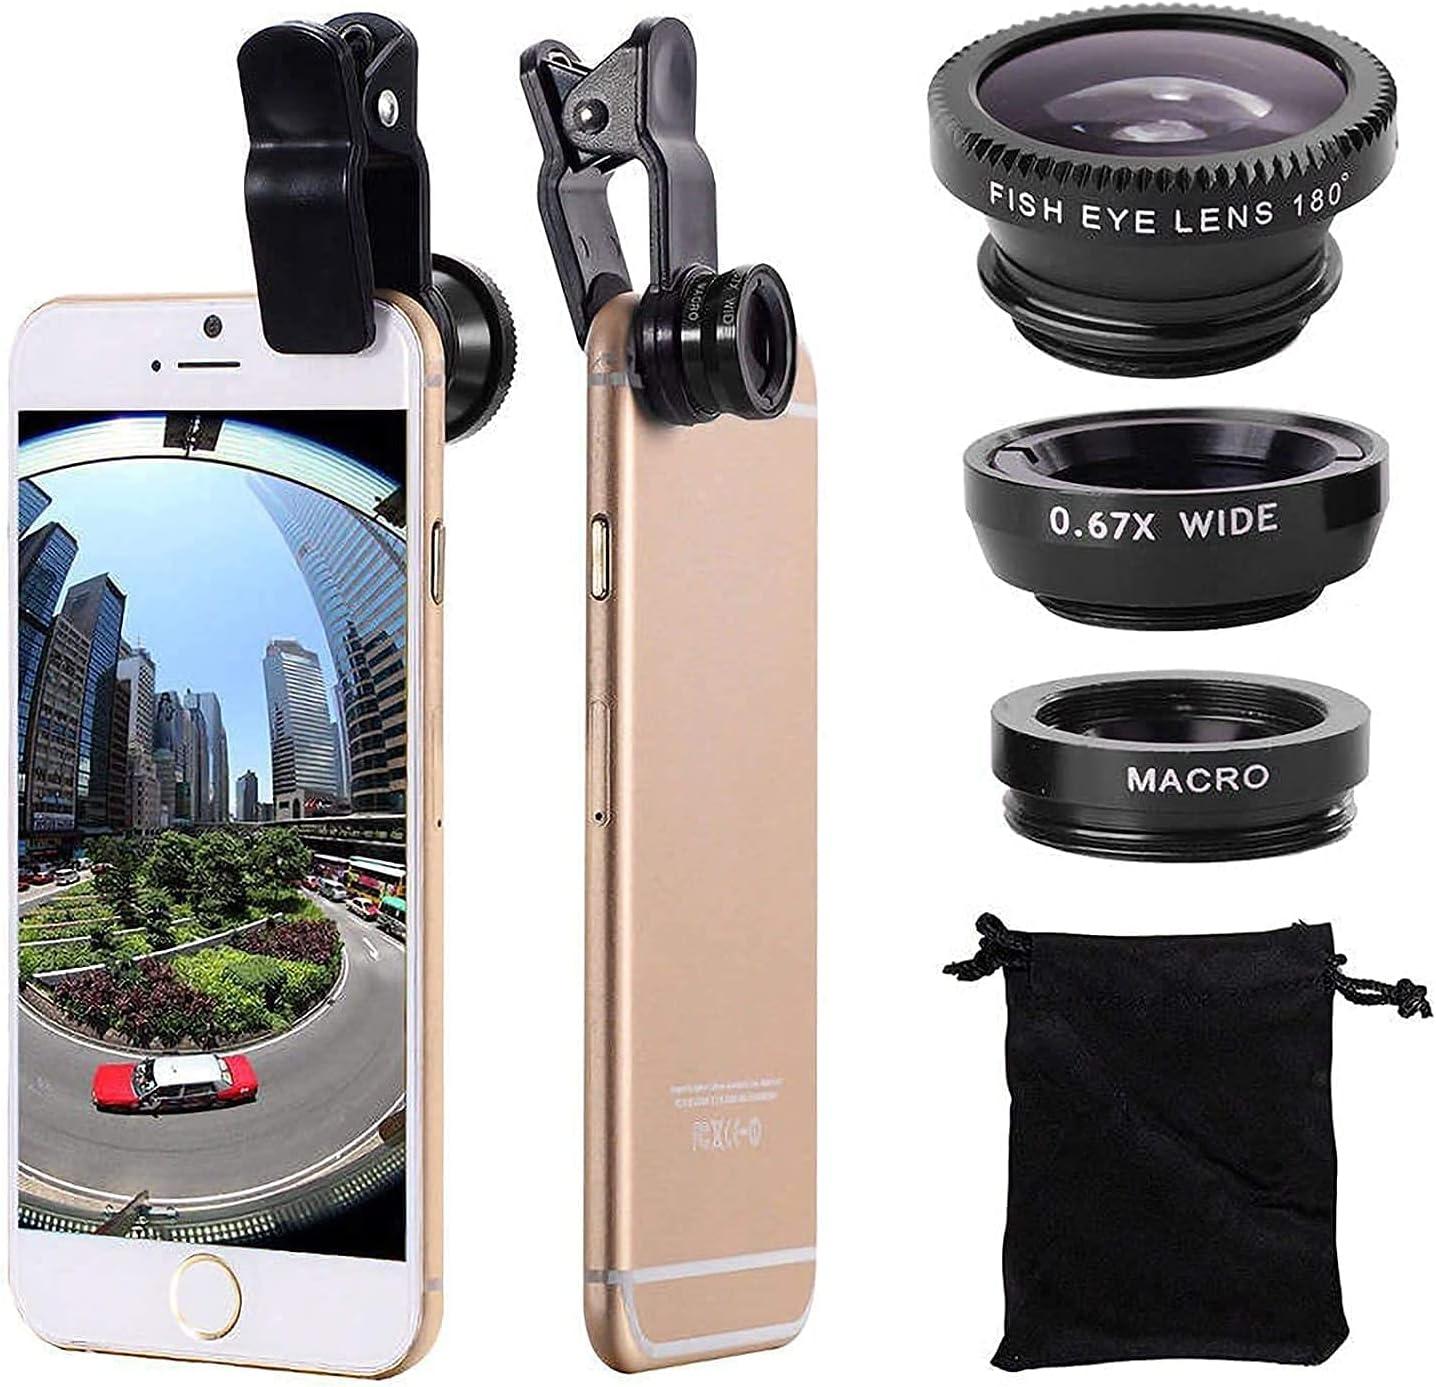 3 en 1 lente de ojo de pez macro gran angular del kit de la lente de la cámara del teléfono celular